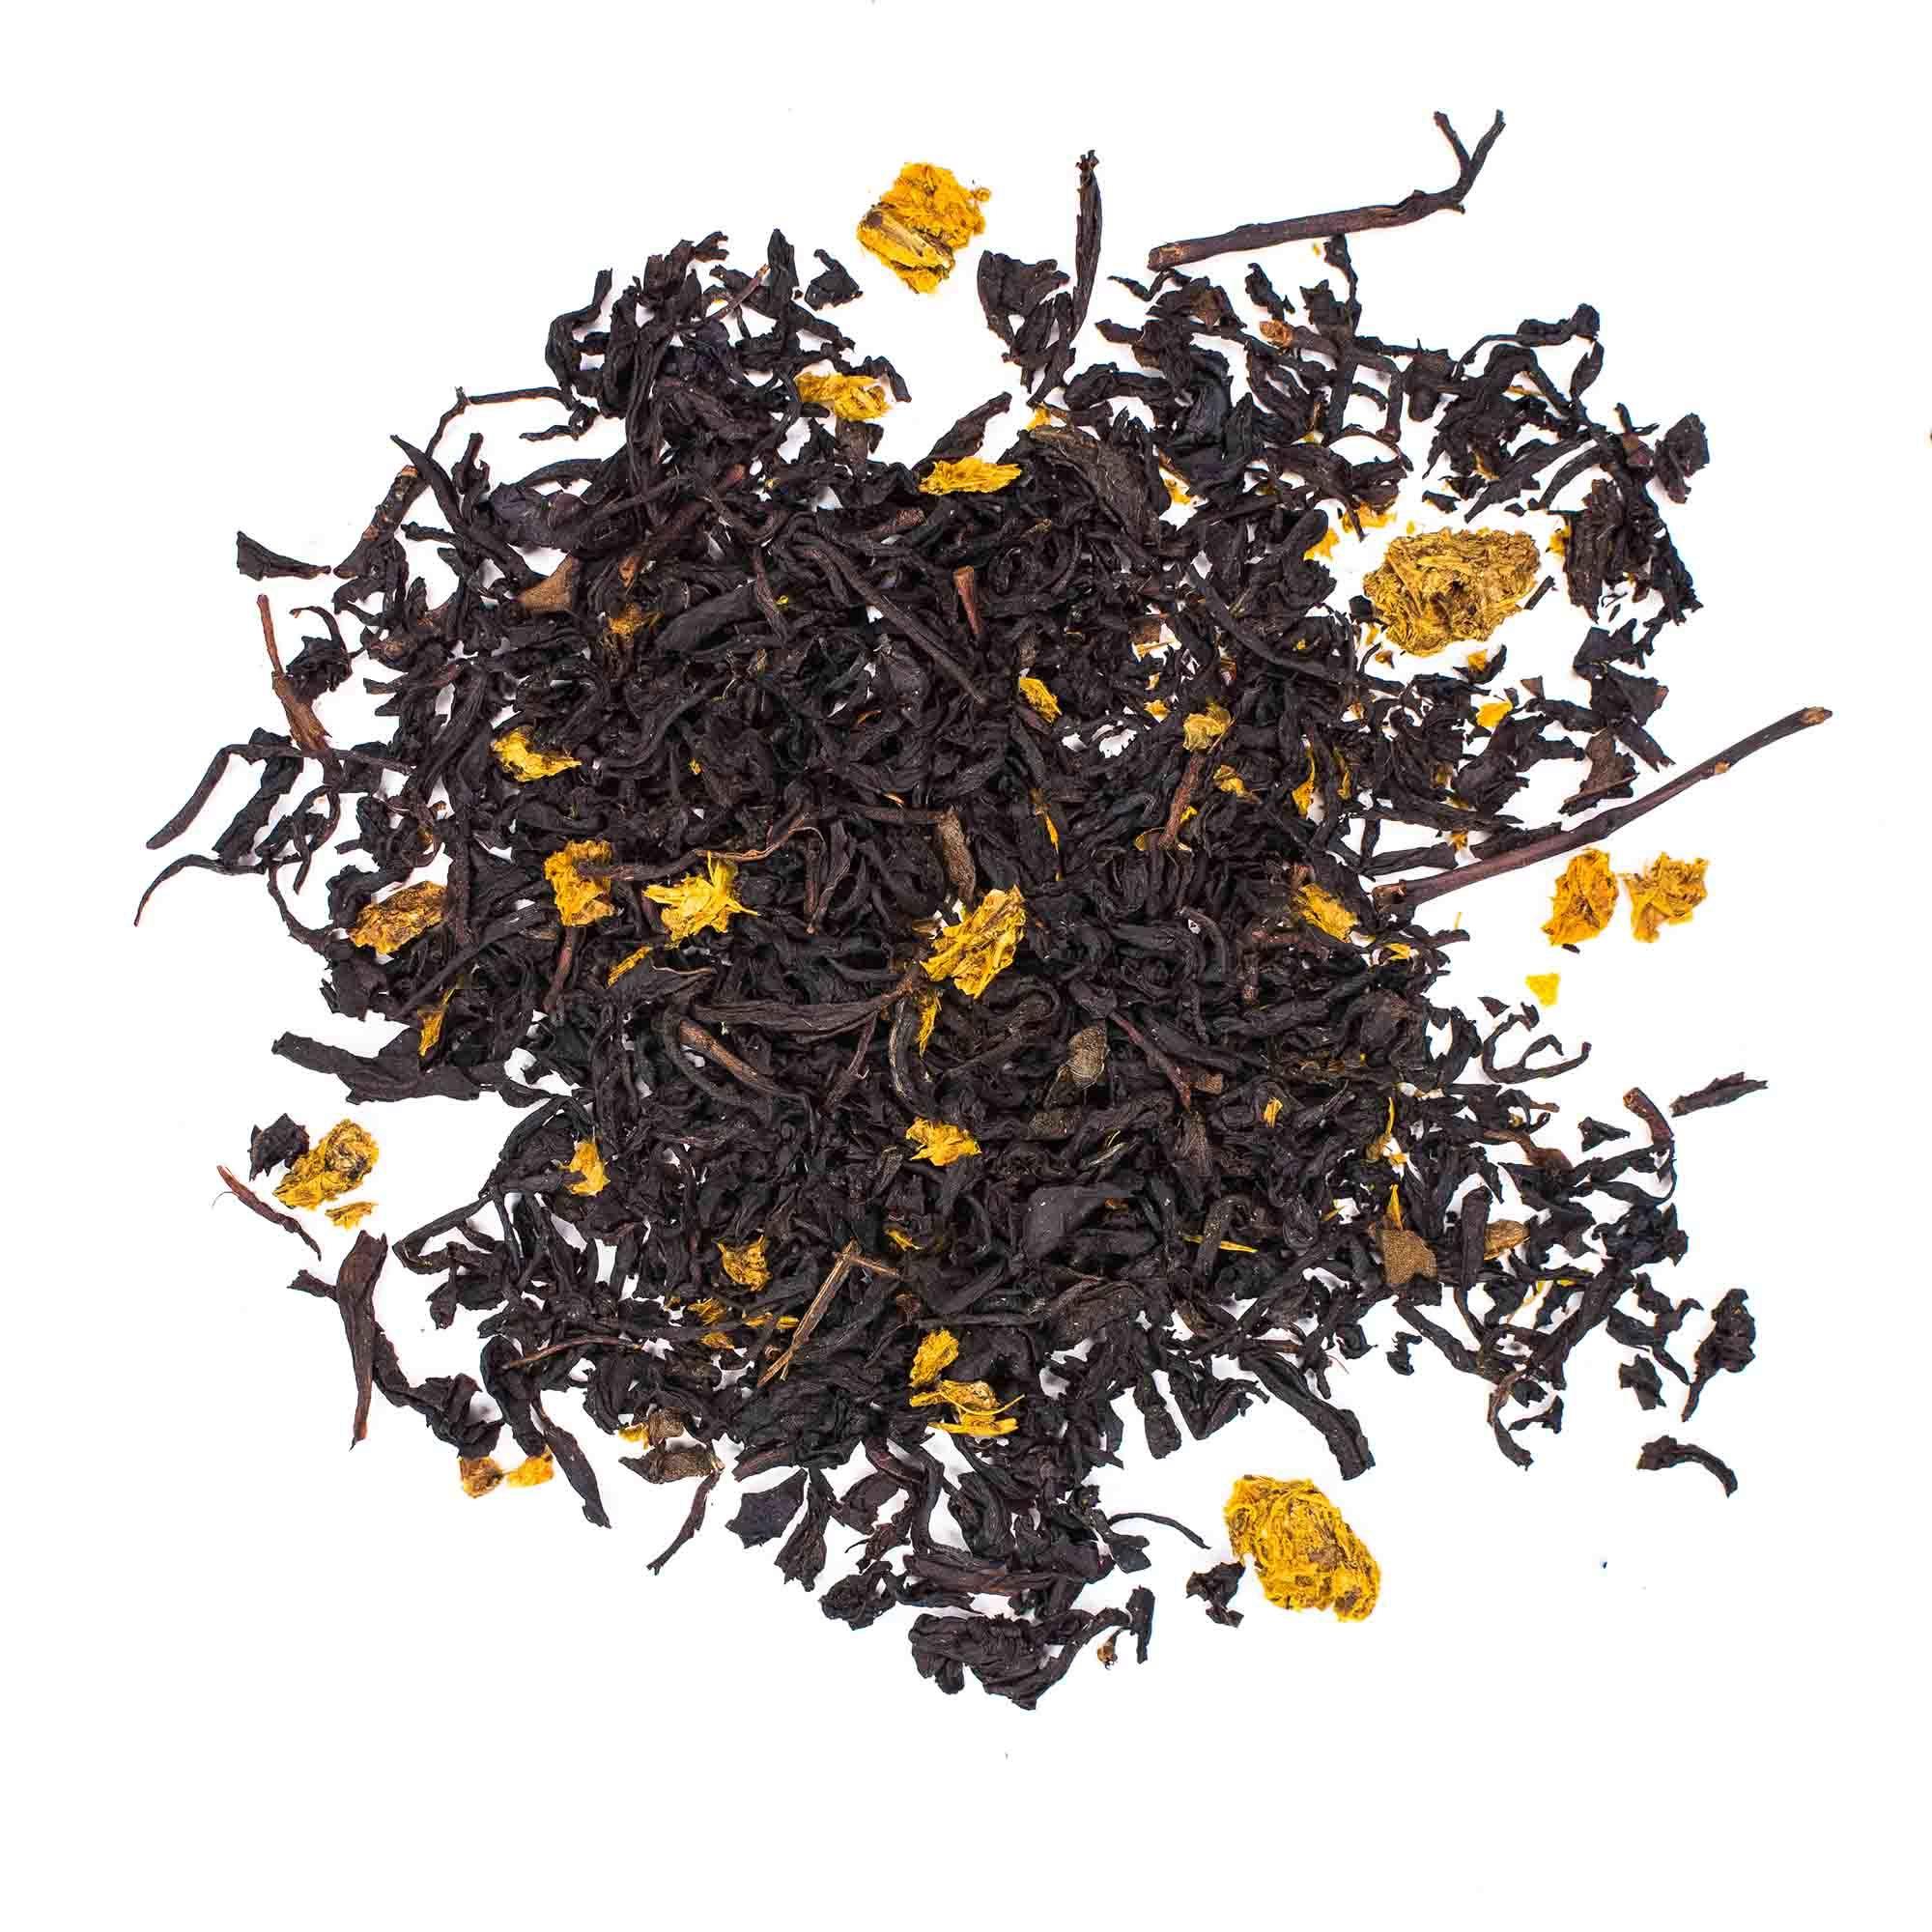 """Черный чай """"Черный чай с Облепихой"""" 100гр черный чай с добавками chaychernuisoblepihoi-taestar.jpg.jpg"""